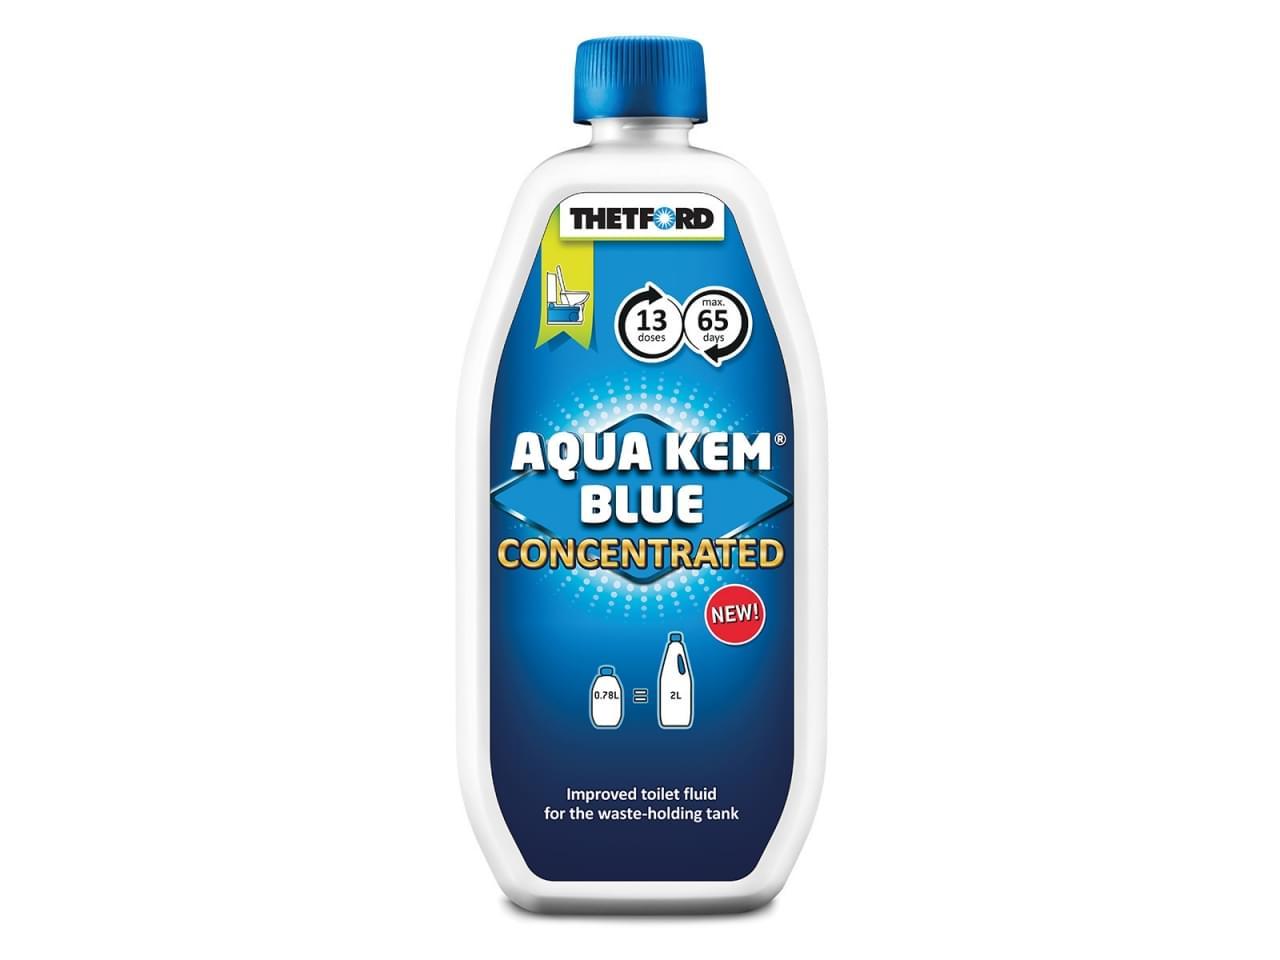 Thetford Aqua kem blue Concentrated